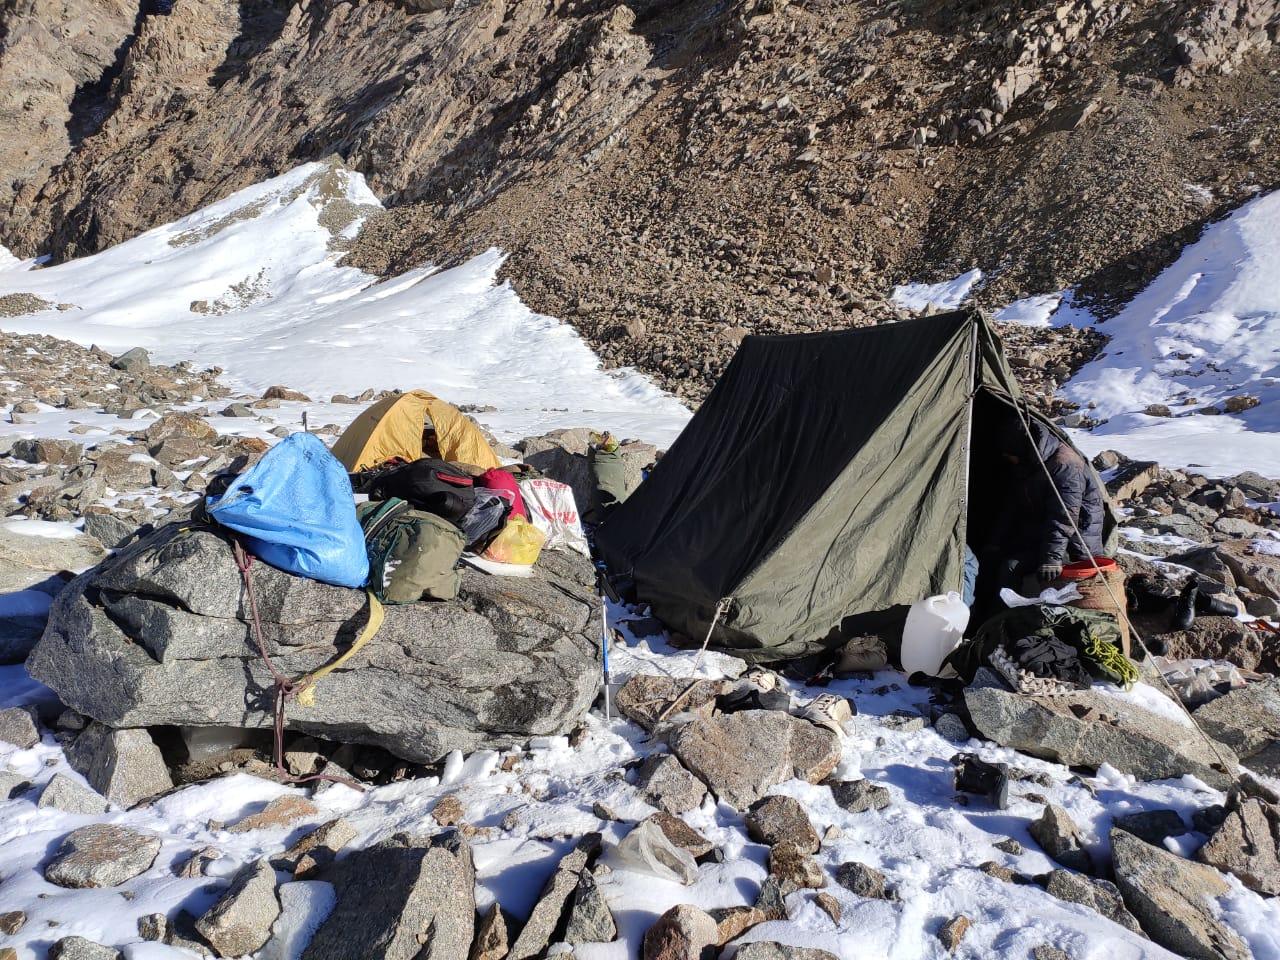 खंमीगर ग्लेशियर में फंसे 14 पर्वतारोही रेस्कयू दल को 'काह' गांव में मिले, सभी सुरक्षित- दो शवों को लाने की कार्रवाई जारी